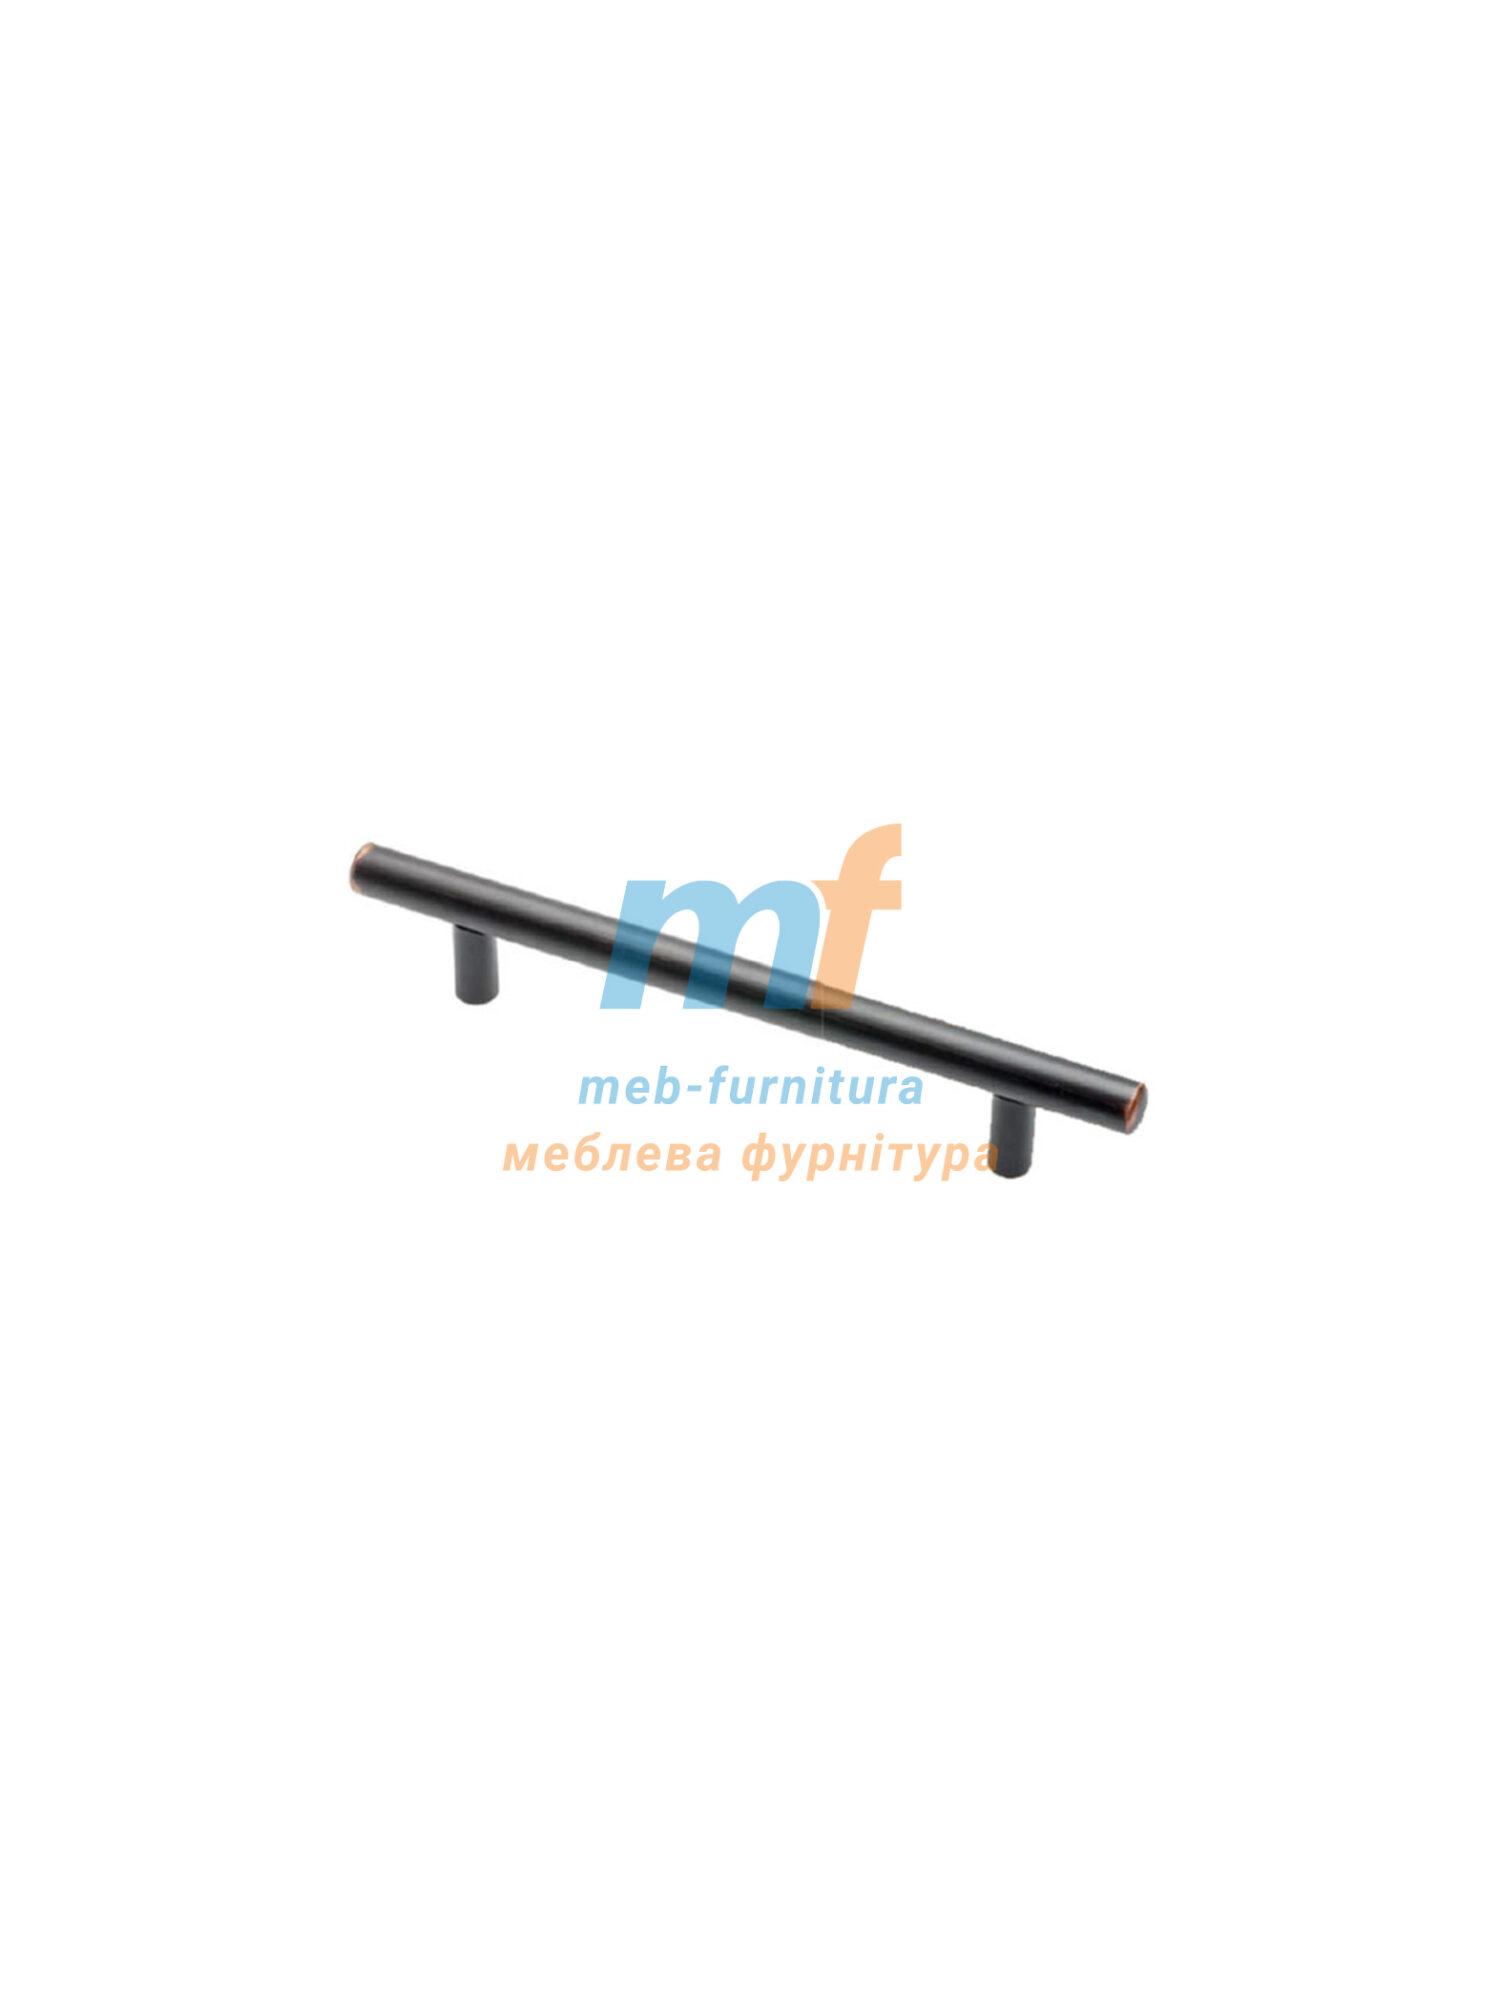 Ручка мебельная релинг 128мм - черная